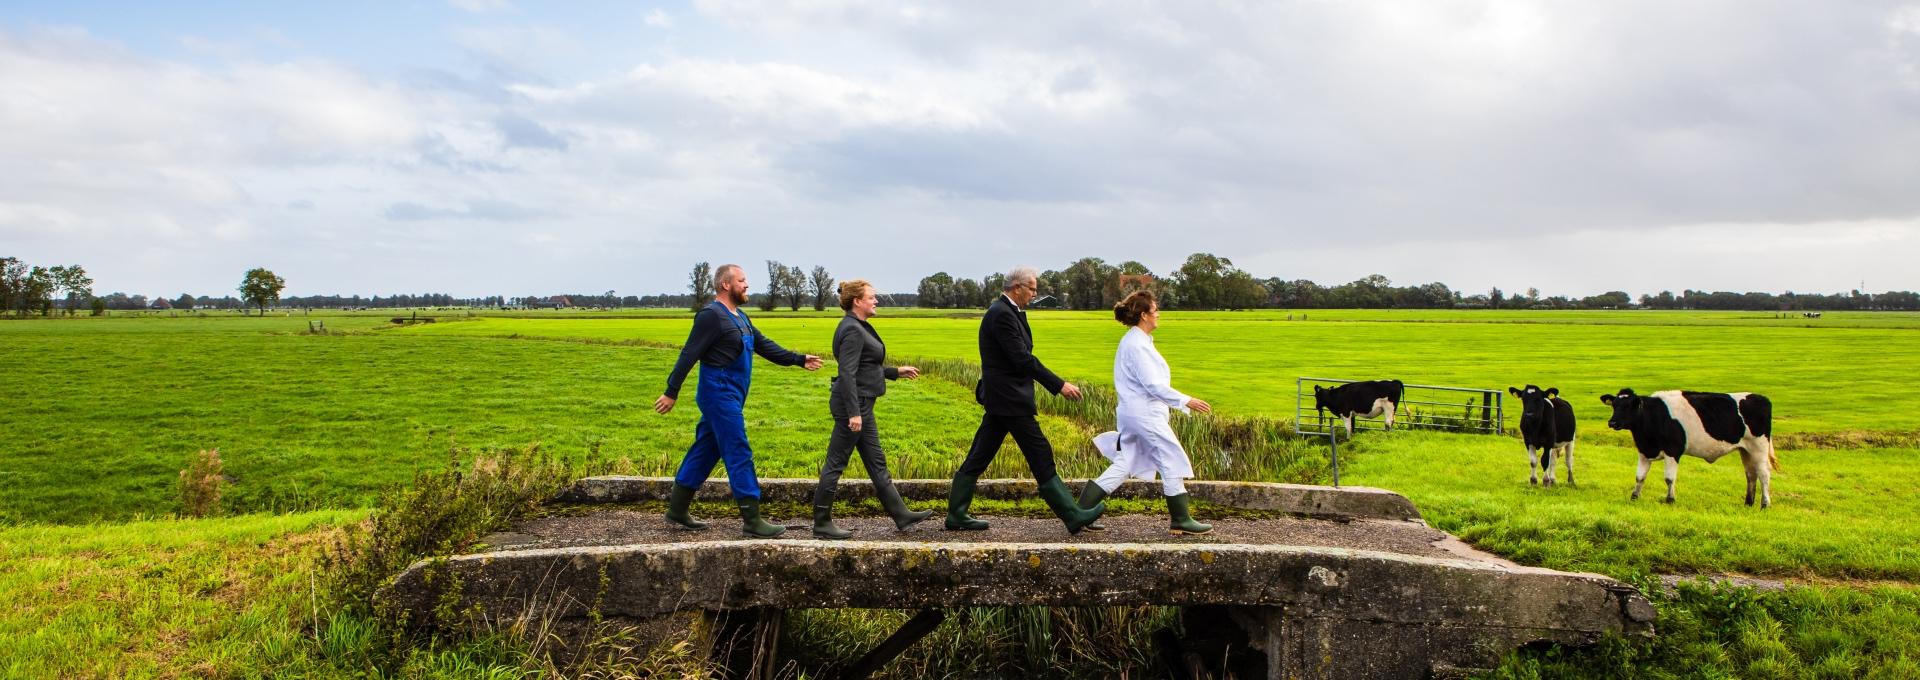 Oer de Grinzen | klimaatevent Fryslân | 26 november